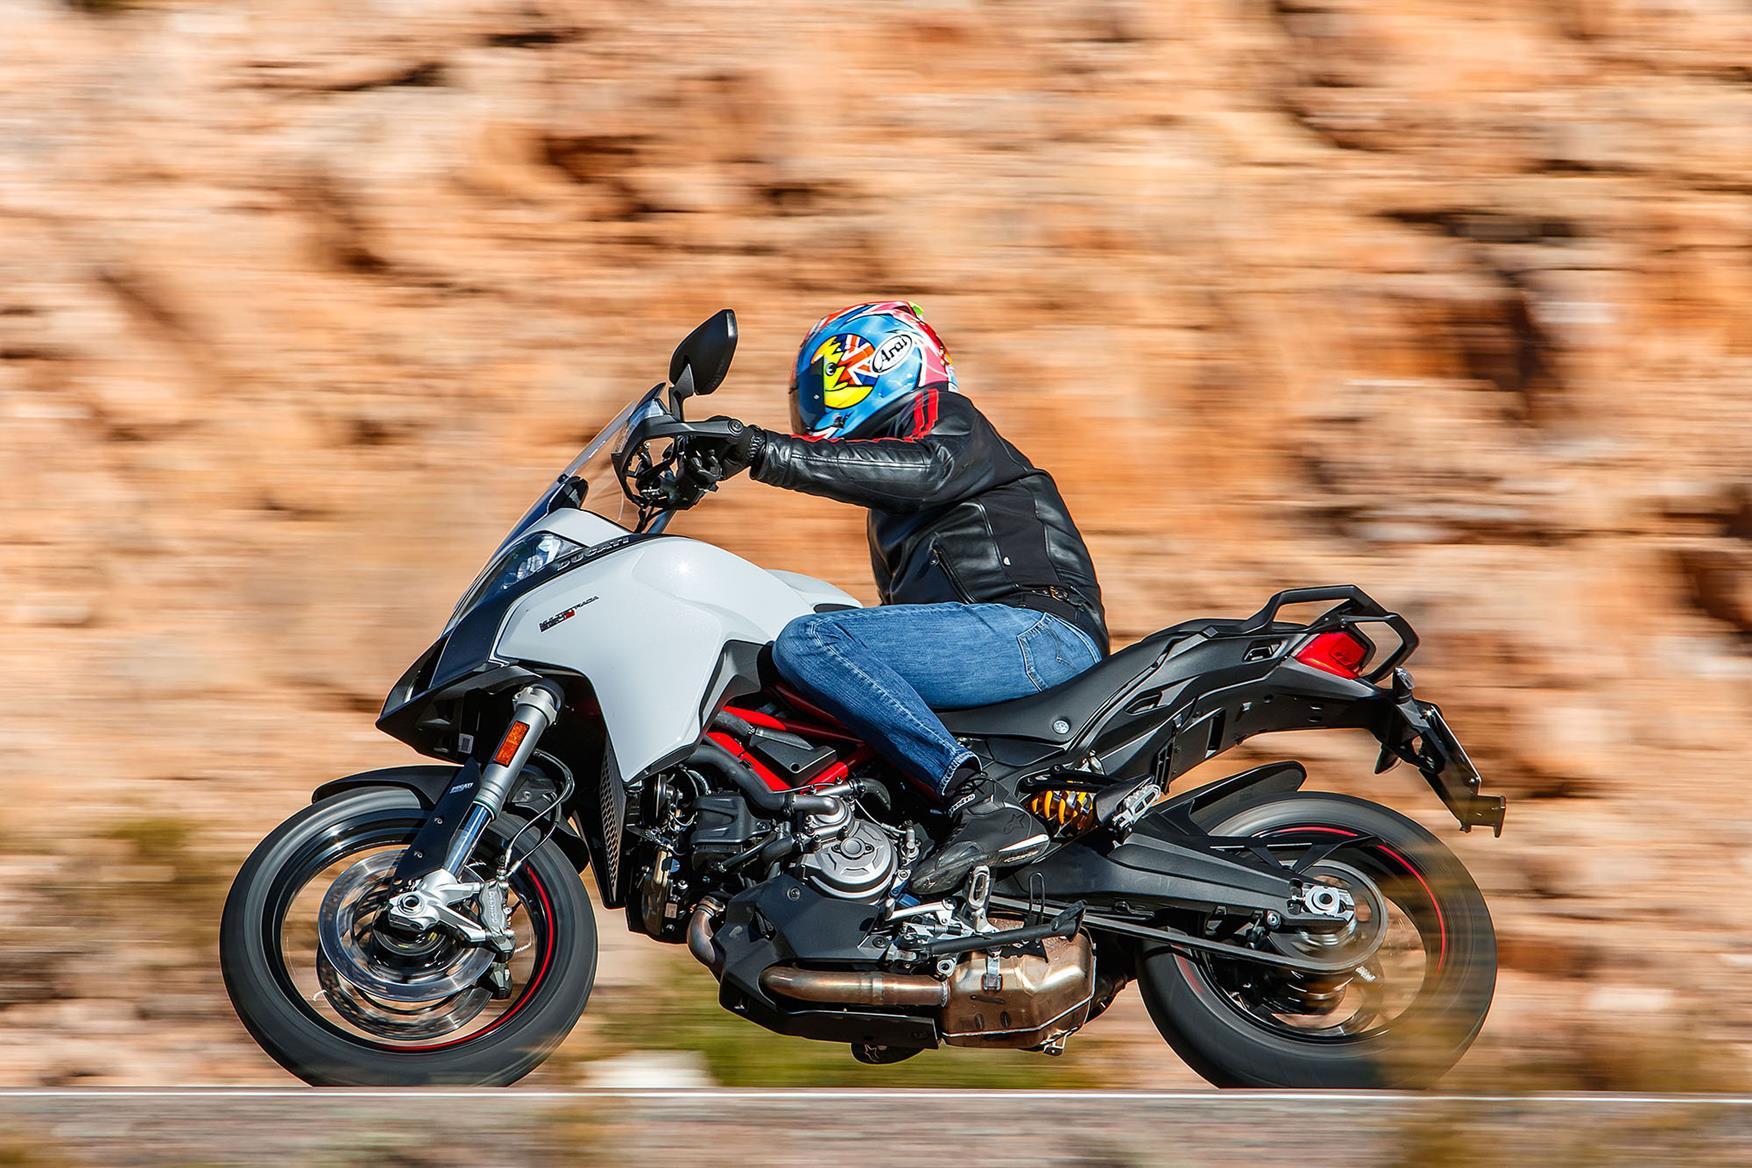 2019 Ducati Multistrada 950S